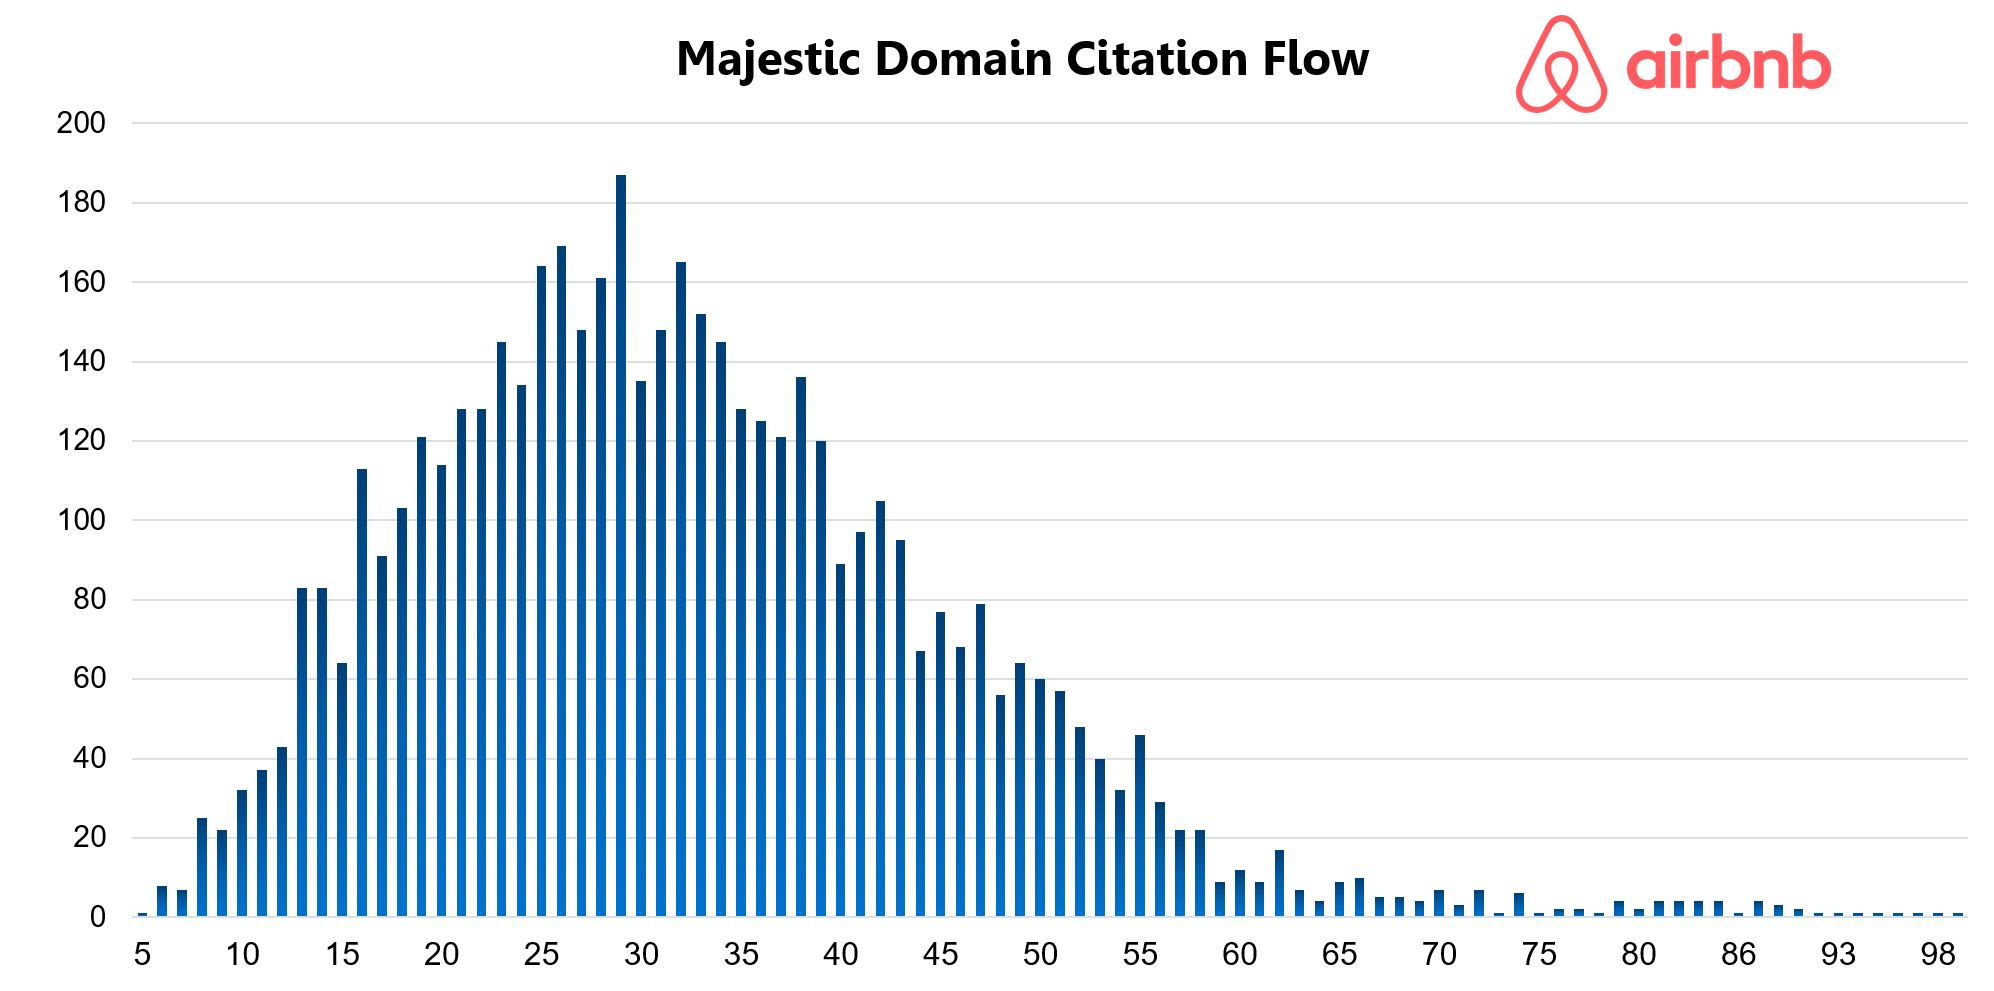 Airbnb Majestic Domain Citation Flow